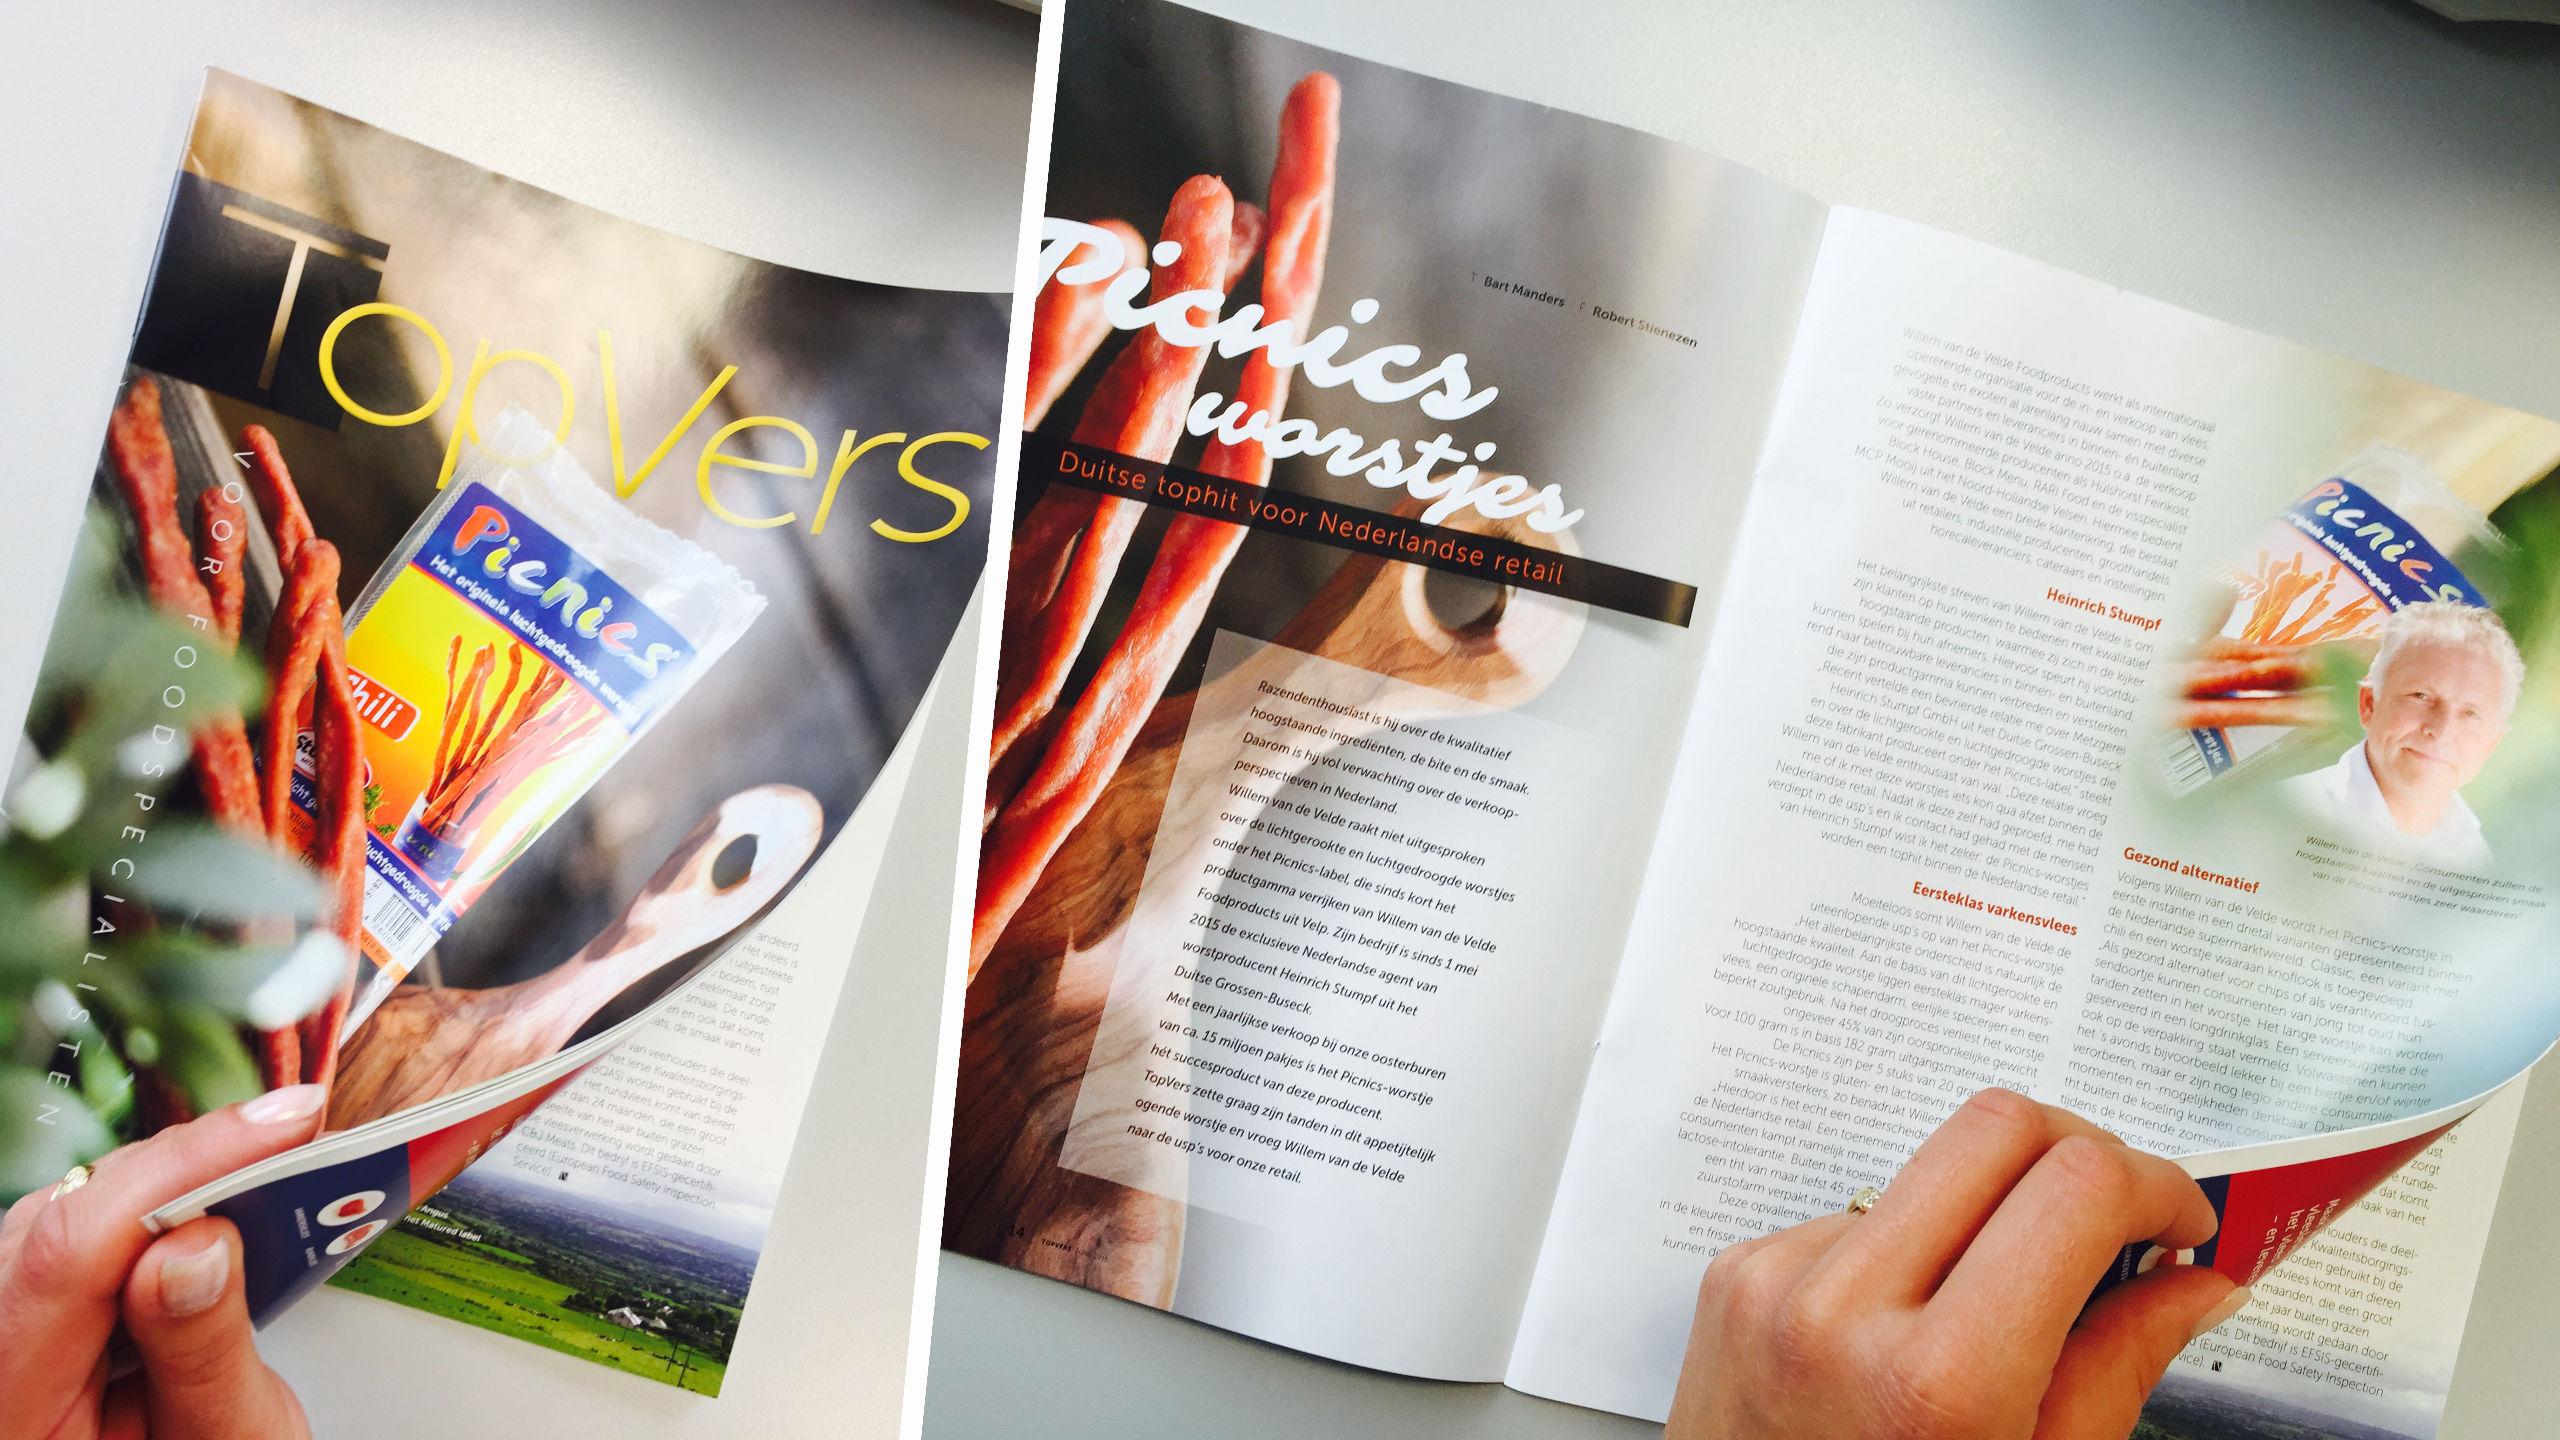 Picnics im Magazin Topvers